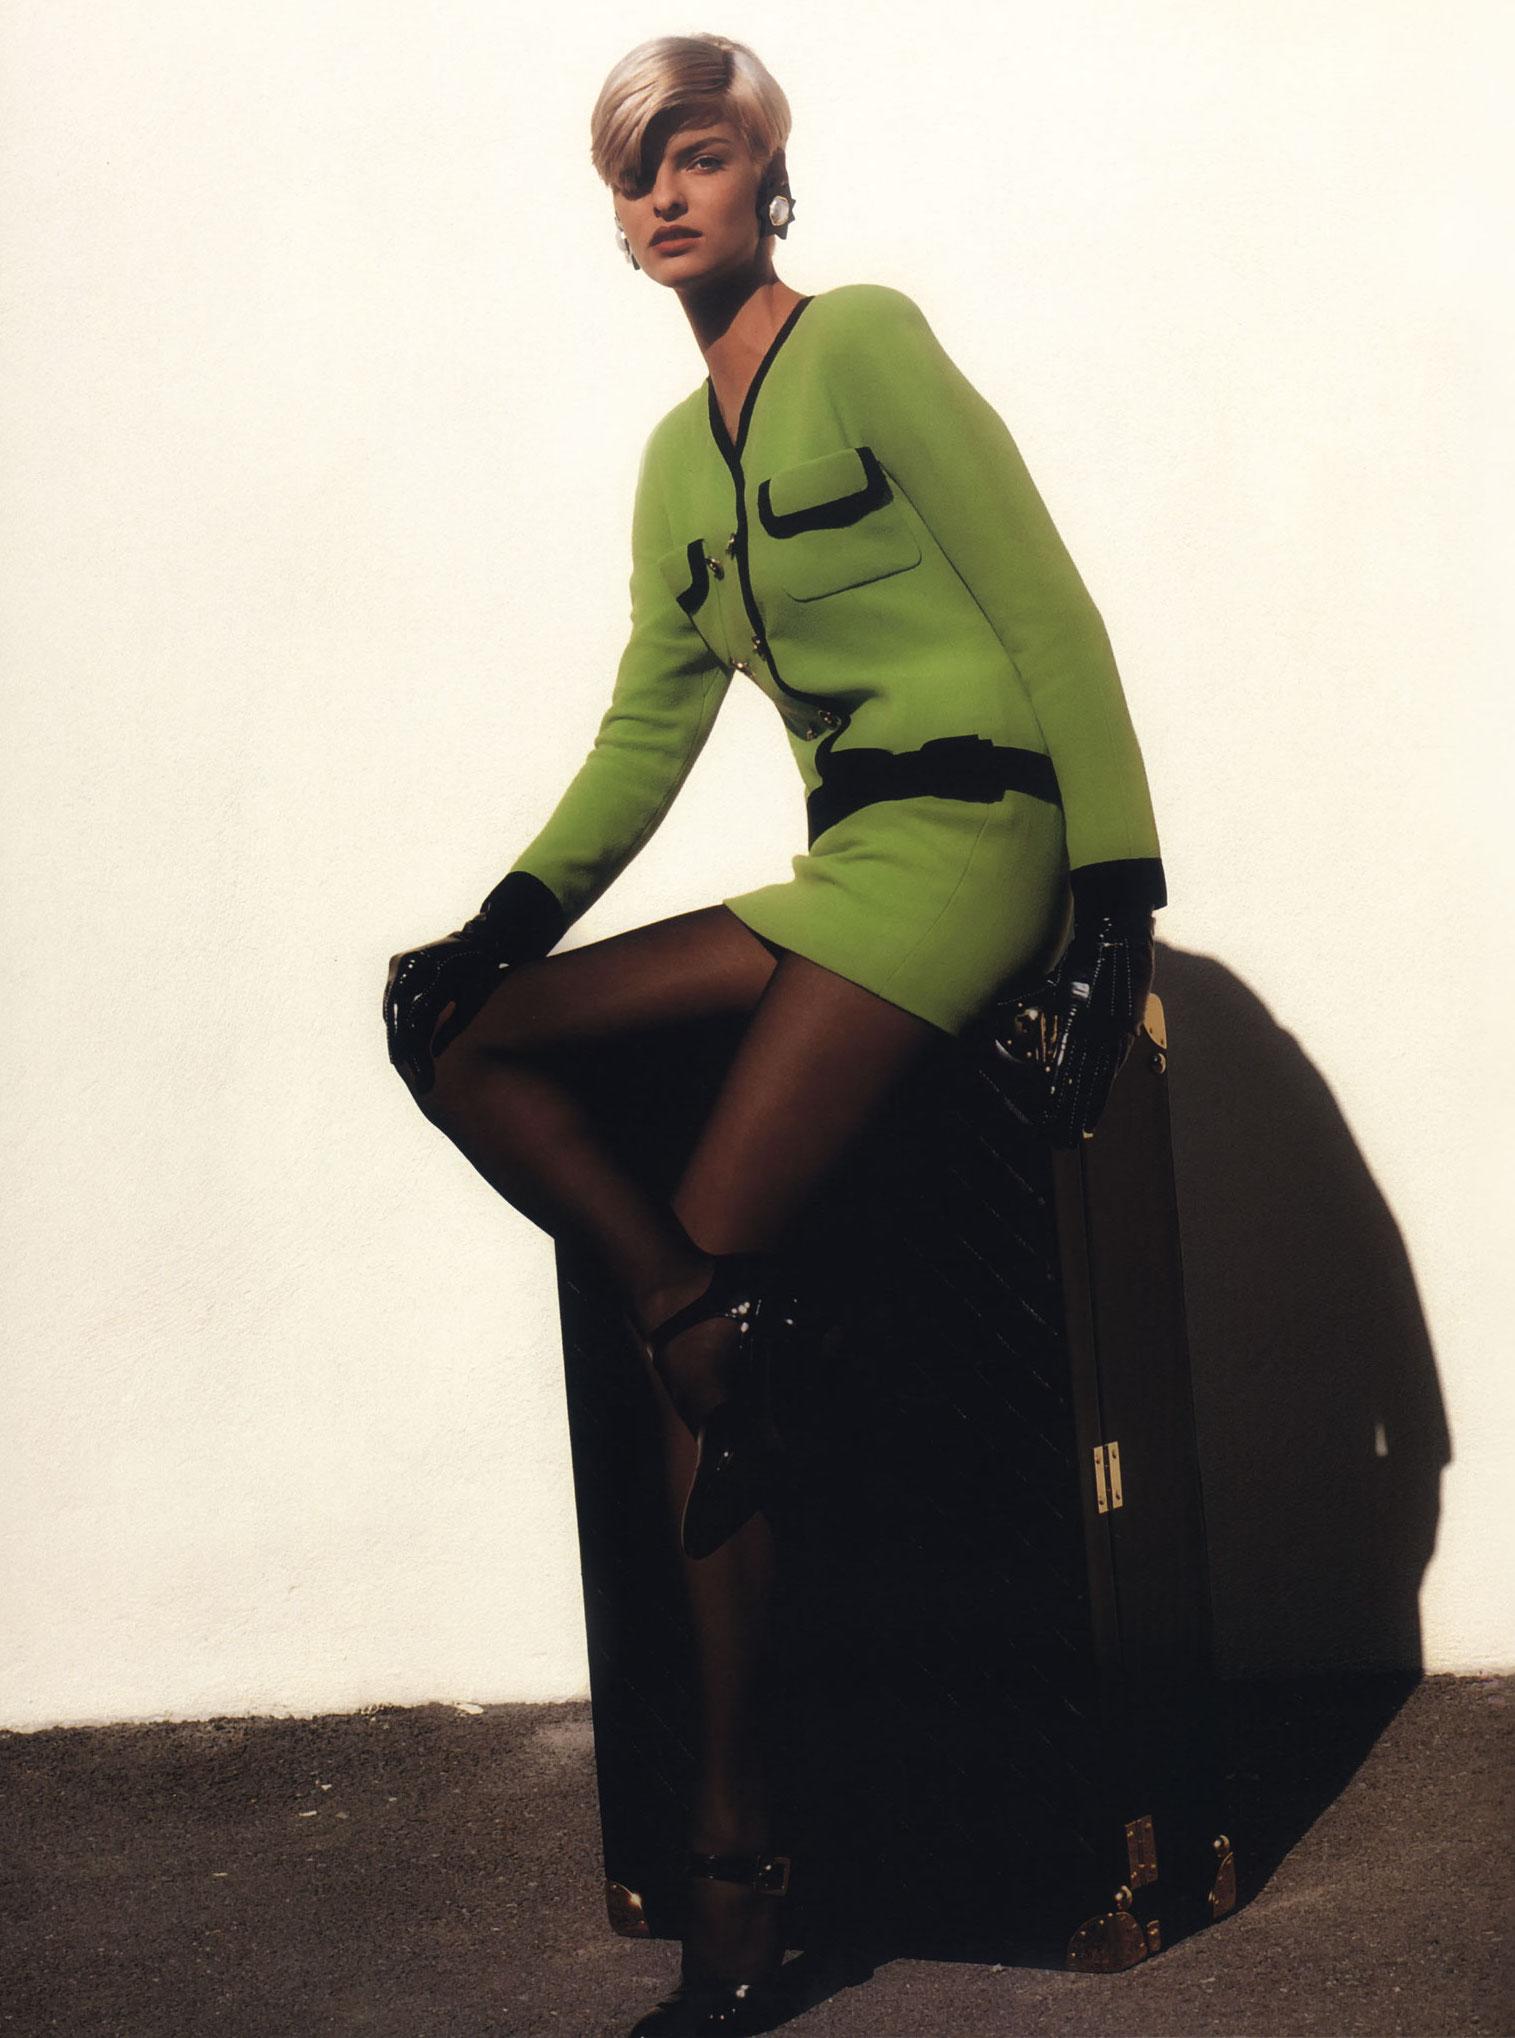 Kristel Moreno (b. 1991)